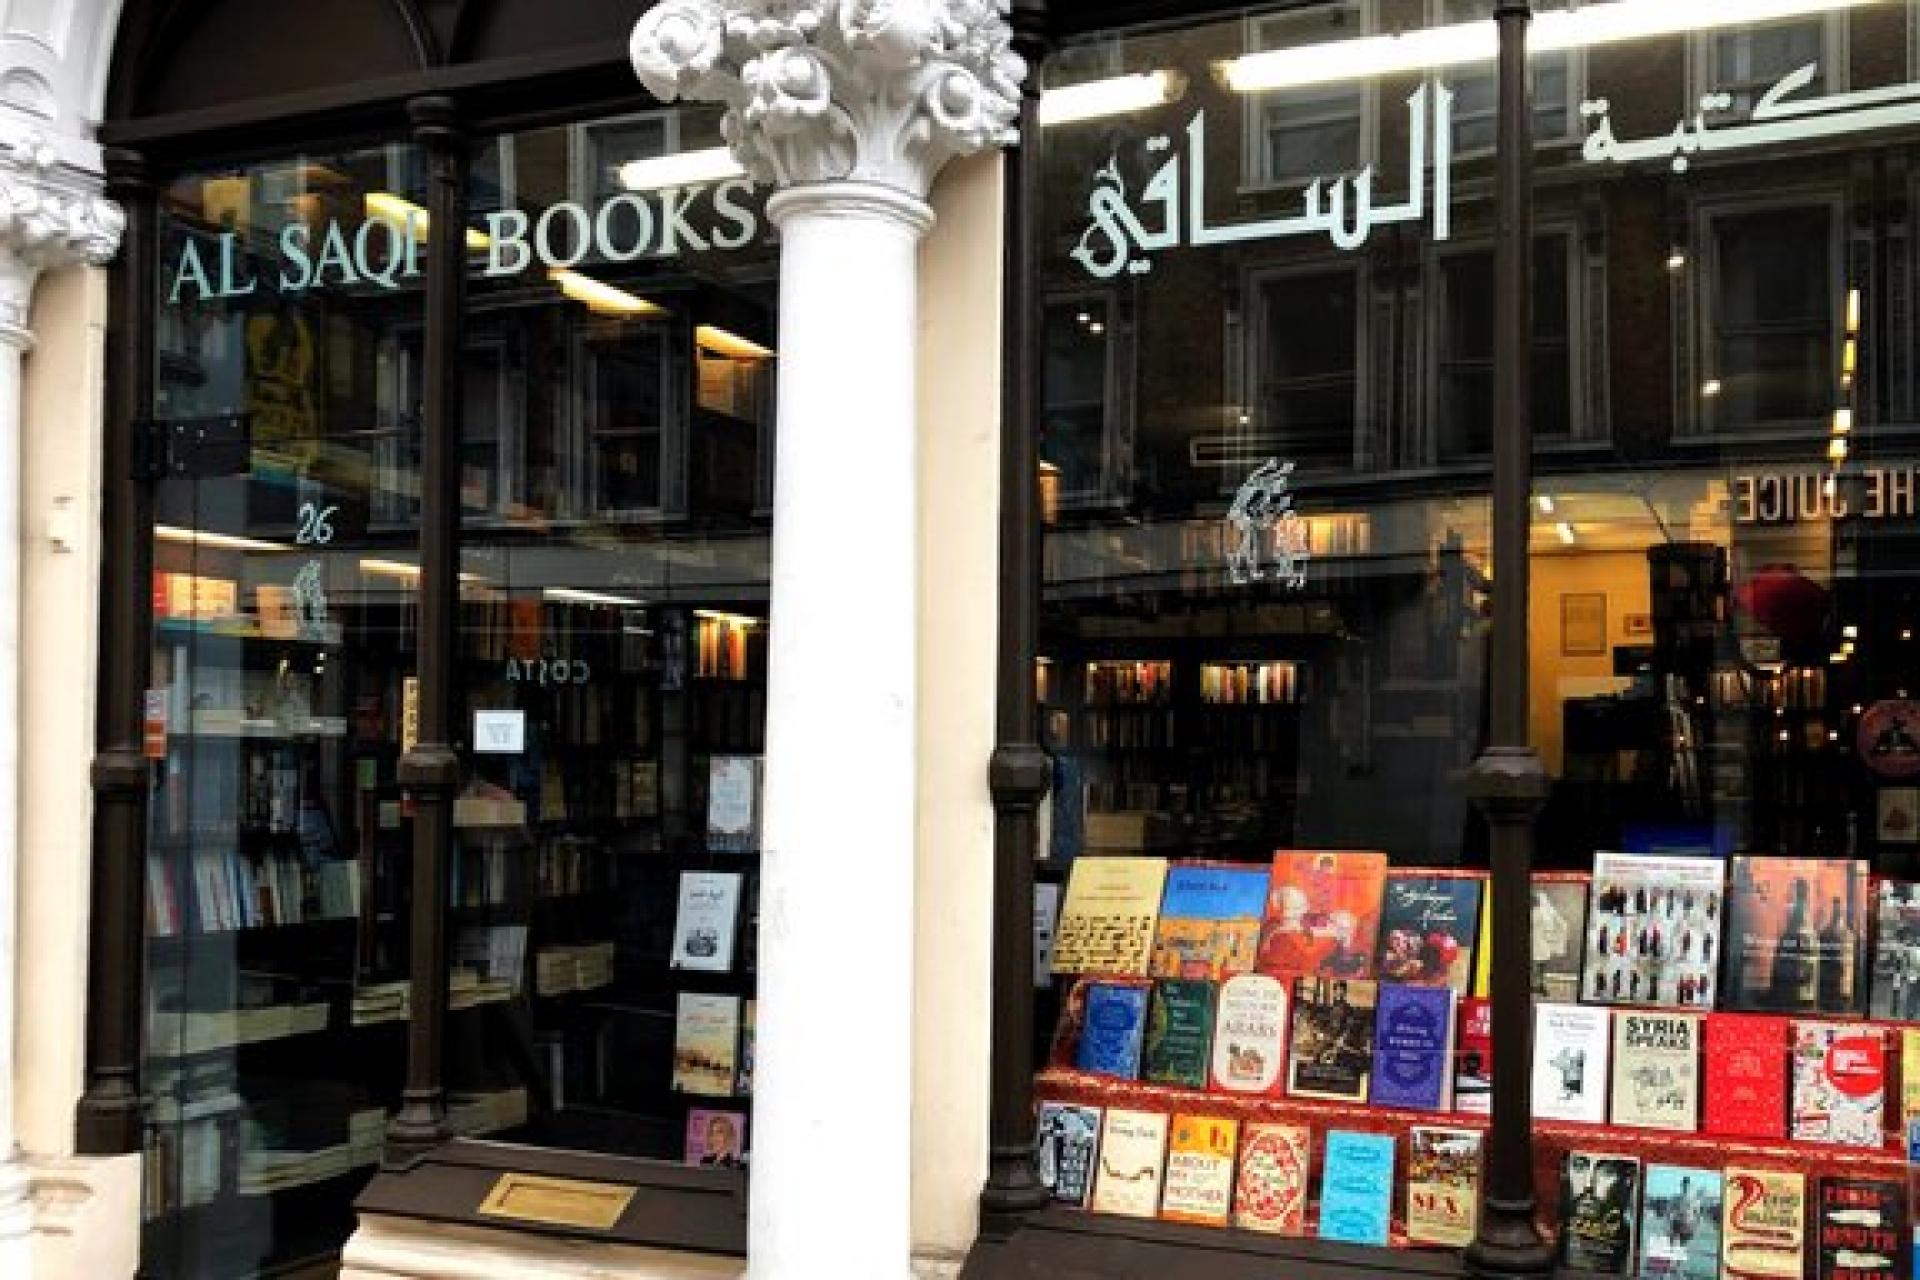 GoFundMe Crowdfunder to support Al Saqi Bookshop and Saqi Books after flood wrecks stock